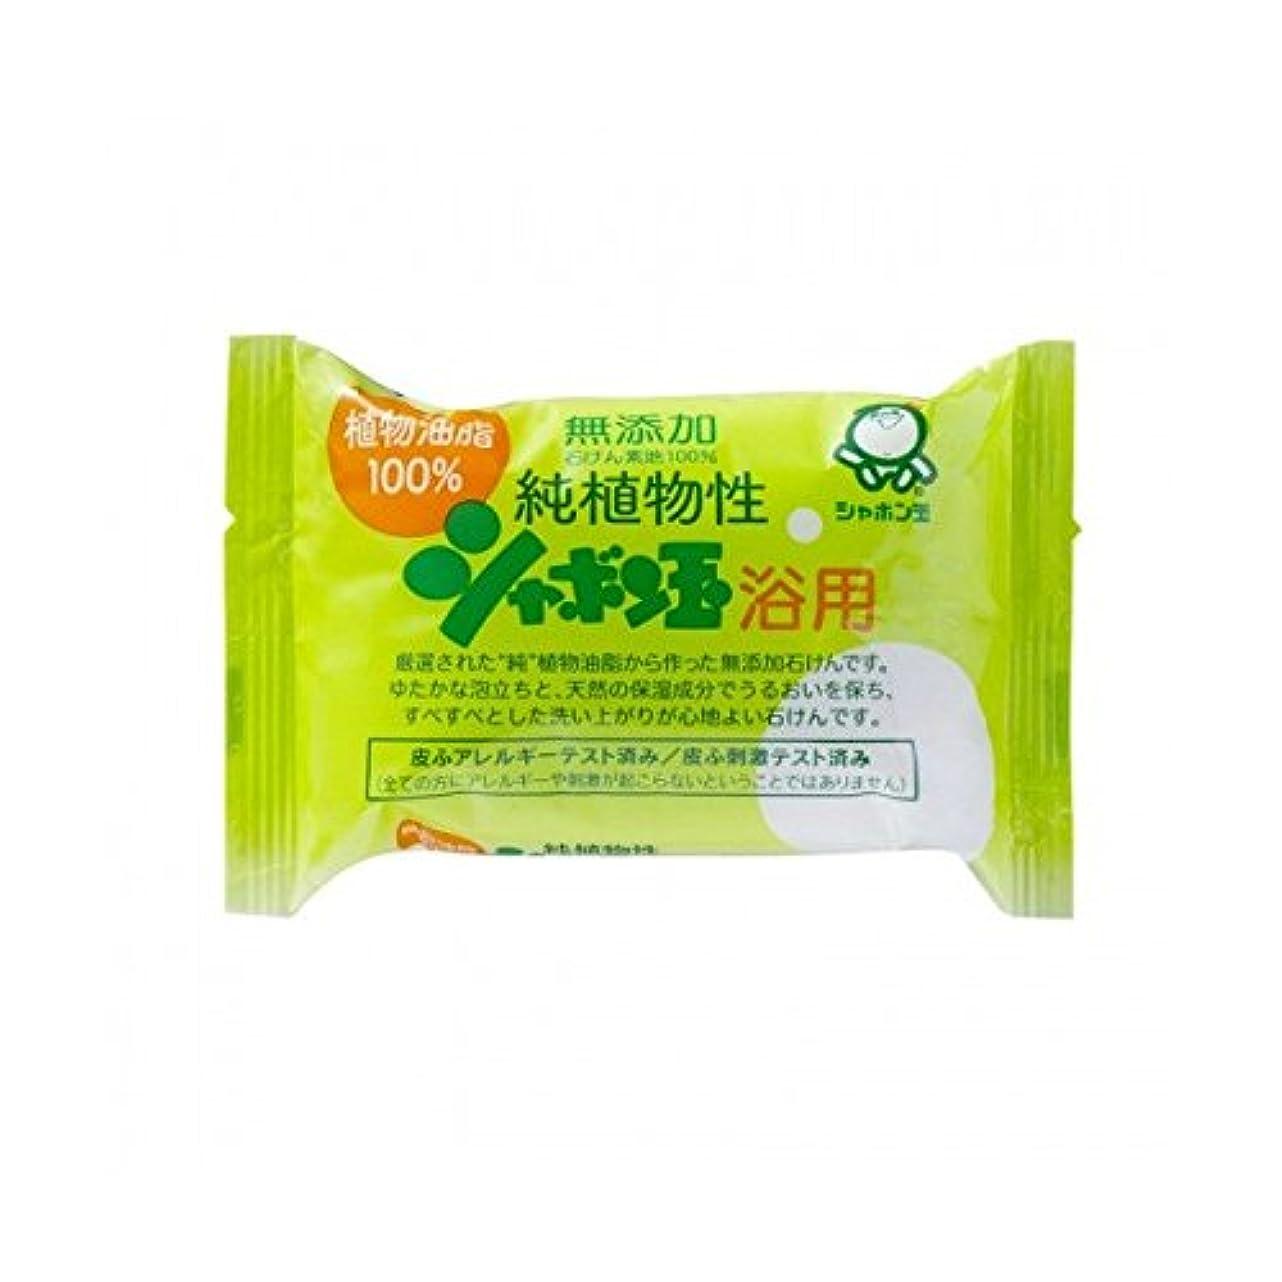 令状帳面対抗シャボン玉石けん シャボン玉 純植物性 浴用 100g(無添加石鹸)×120点セット (4901797003013)